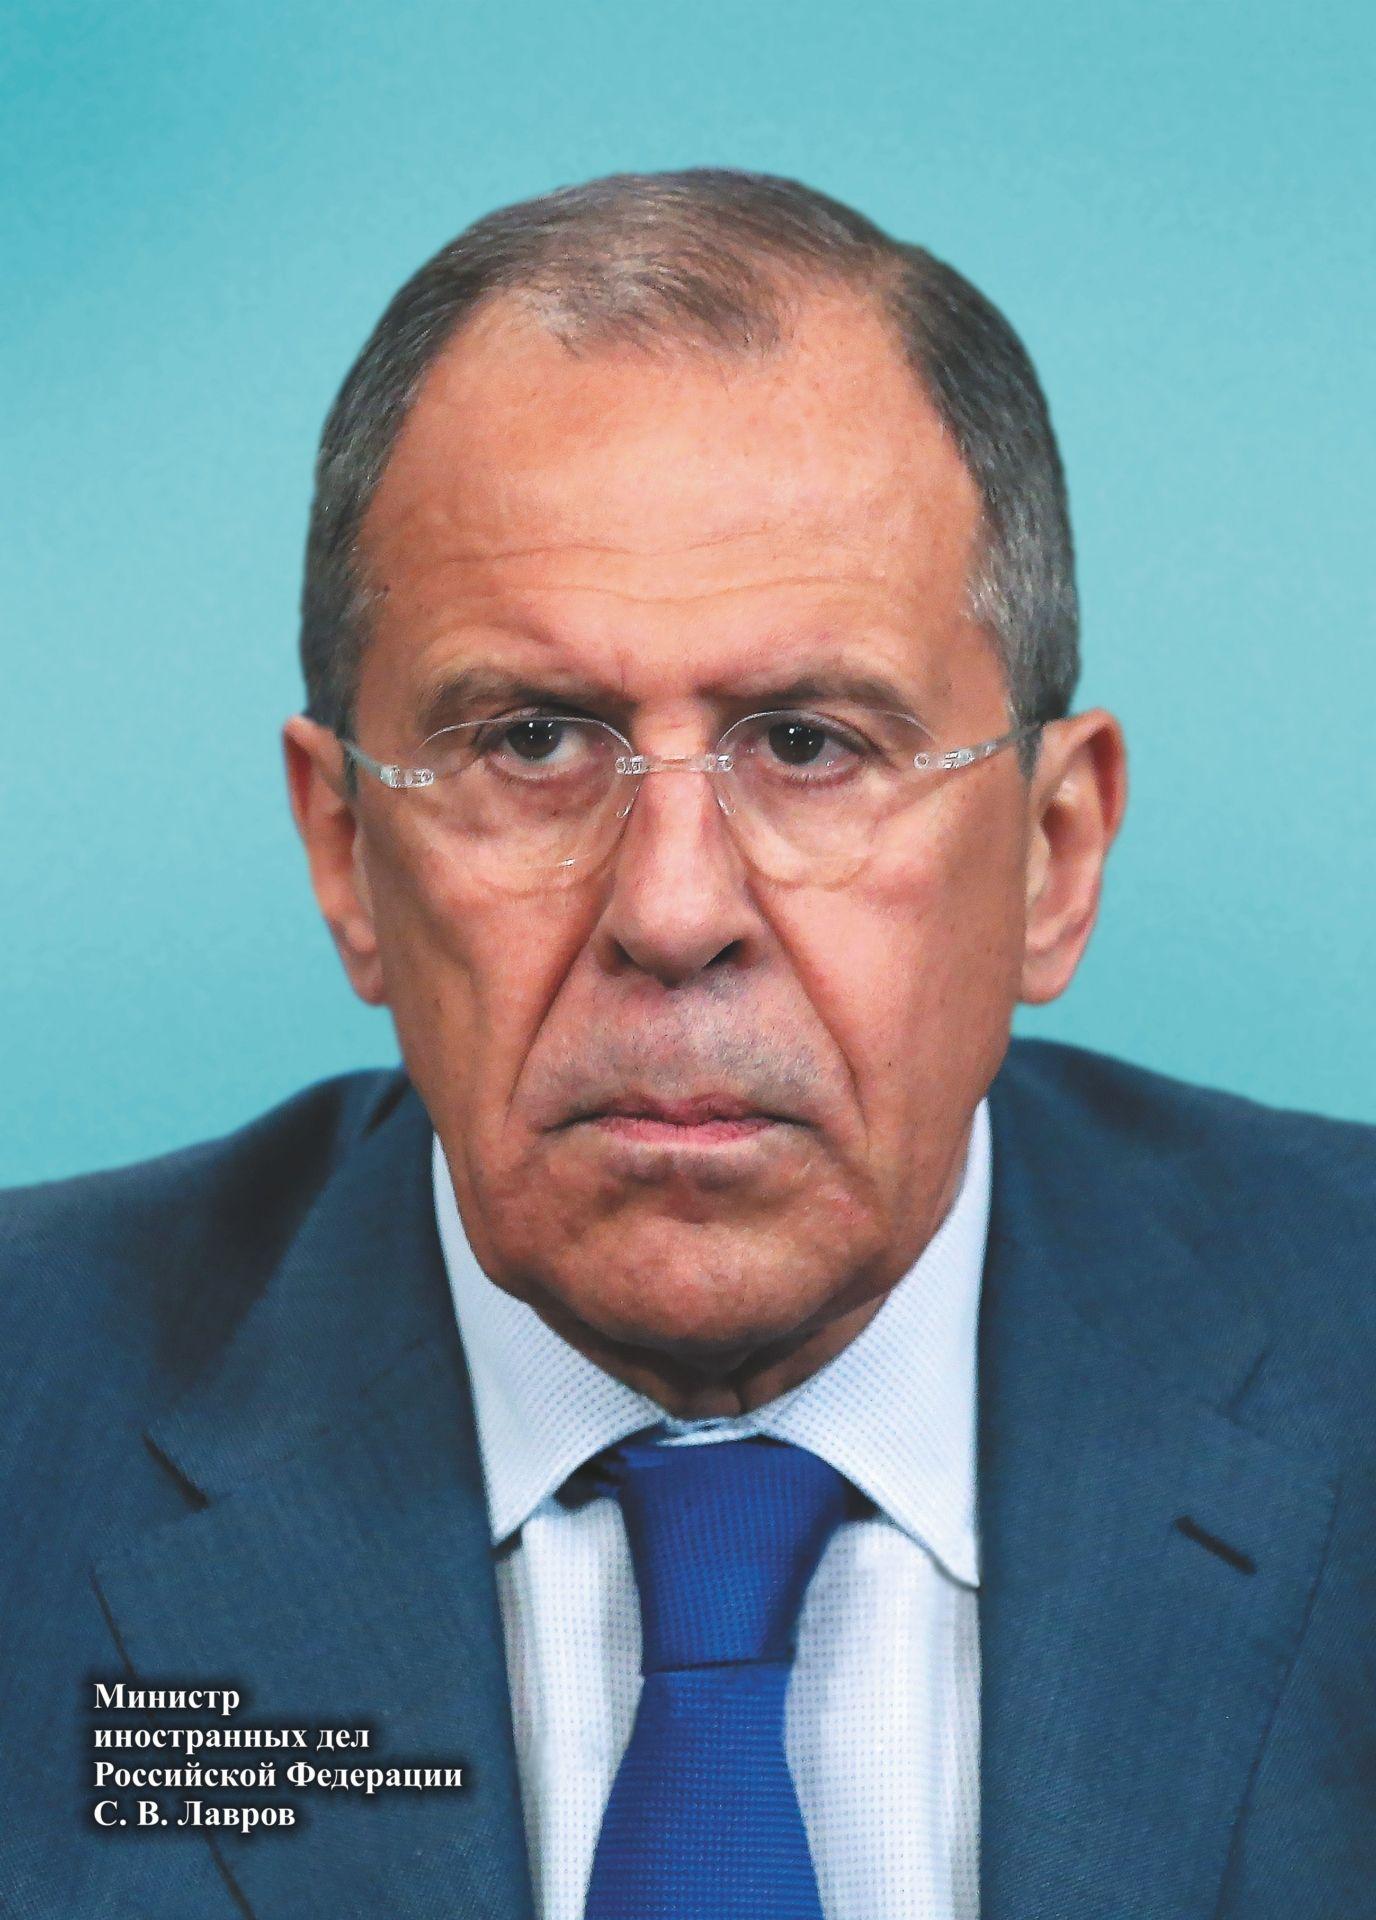 Портрет министра иностранных дел РФ С. В. Лаврова